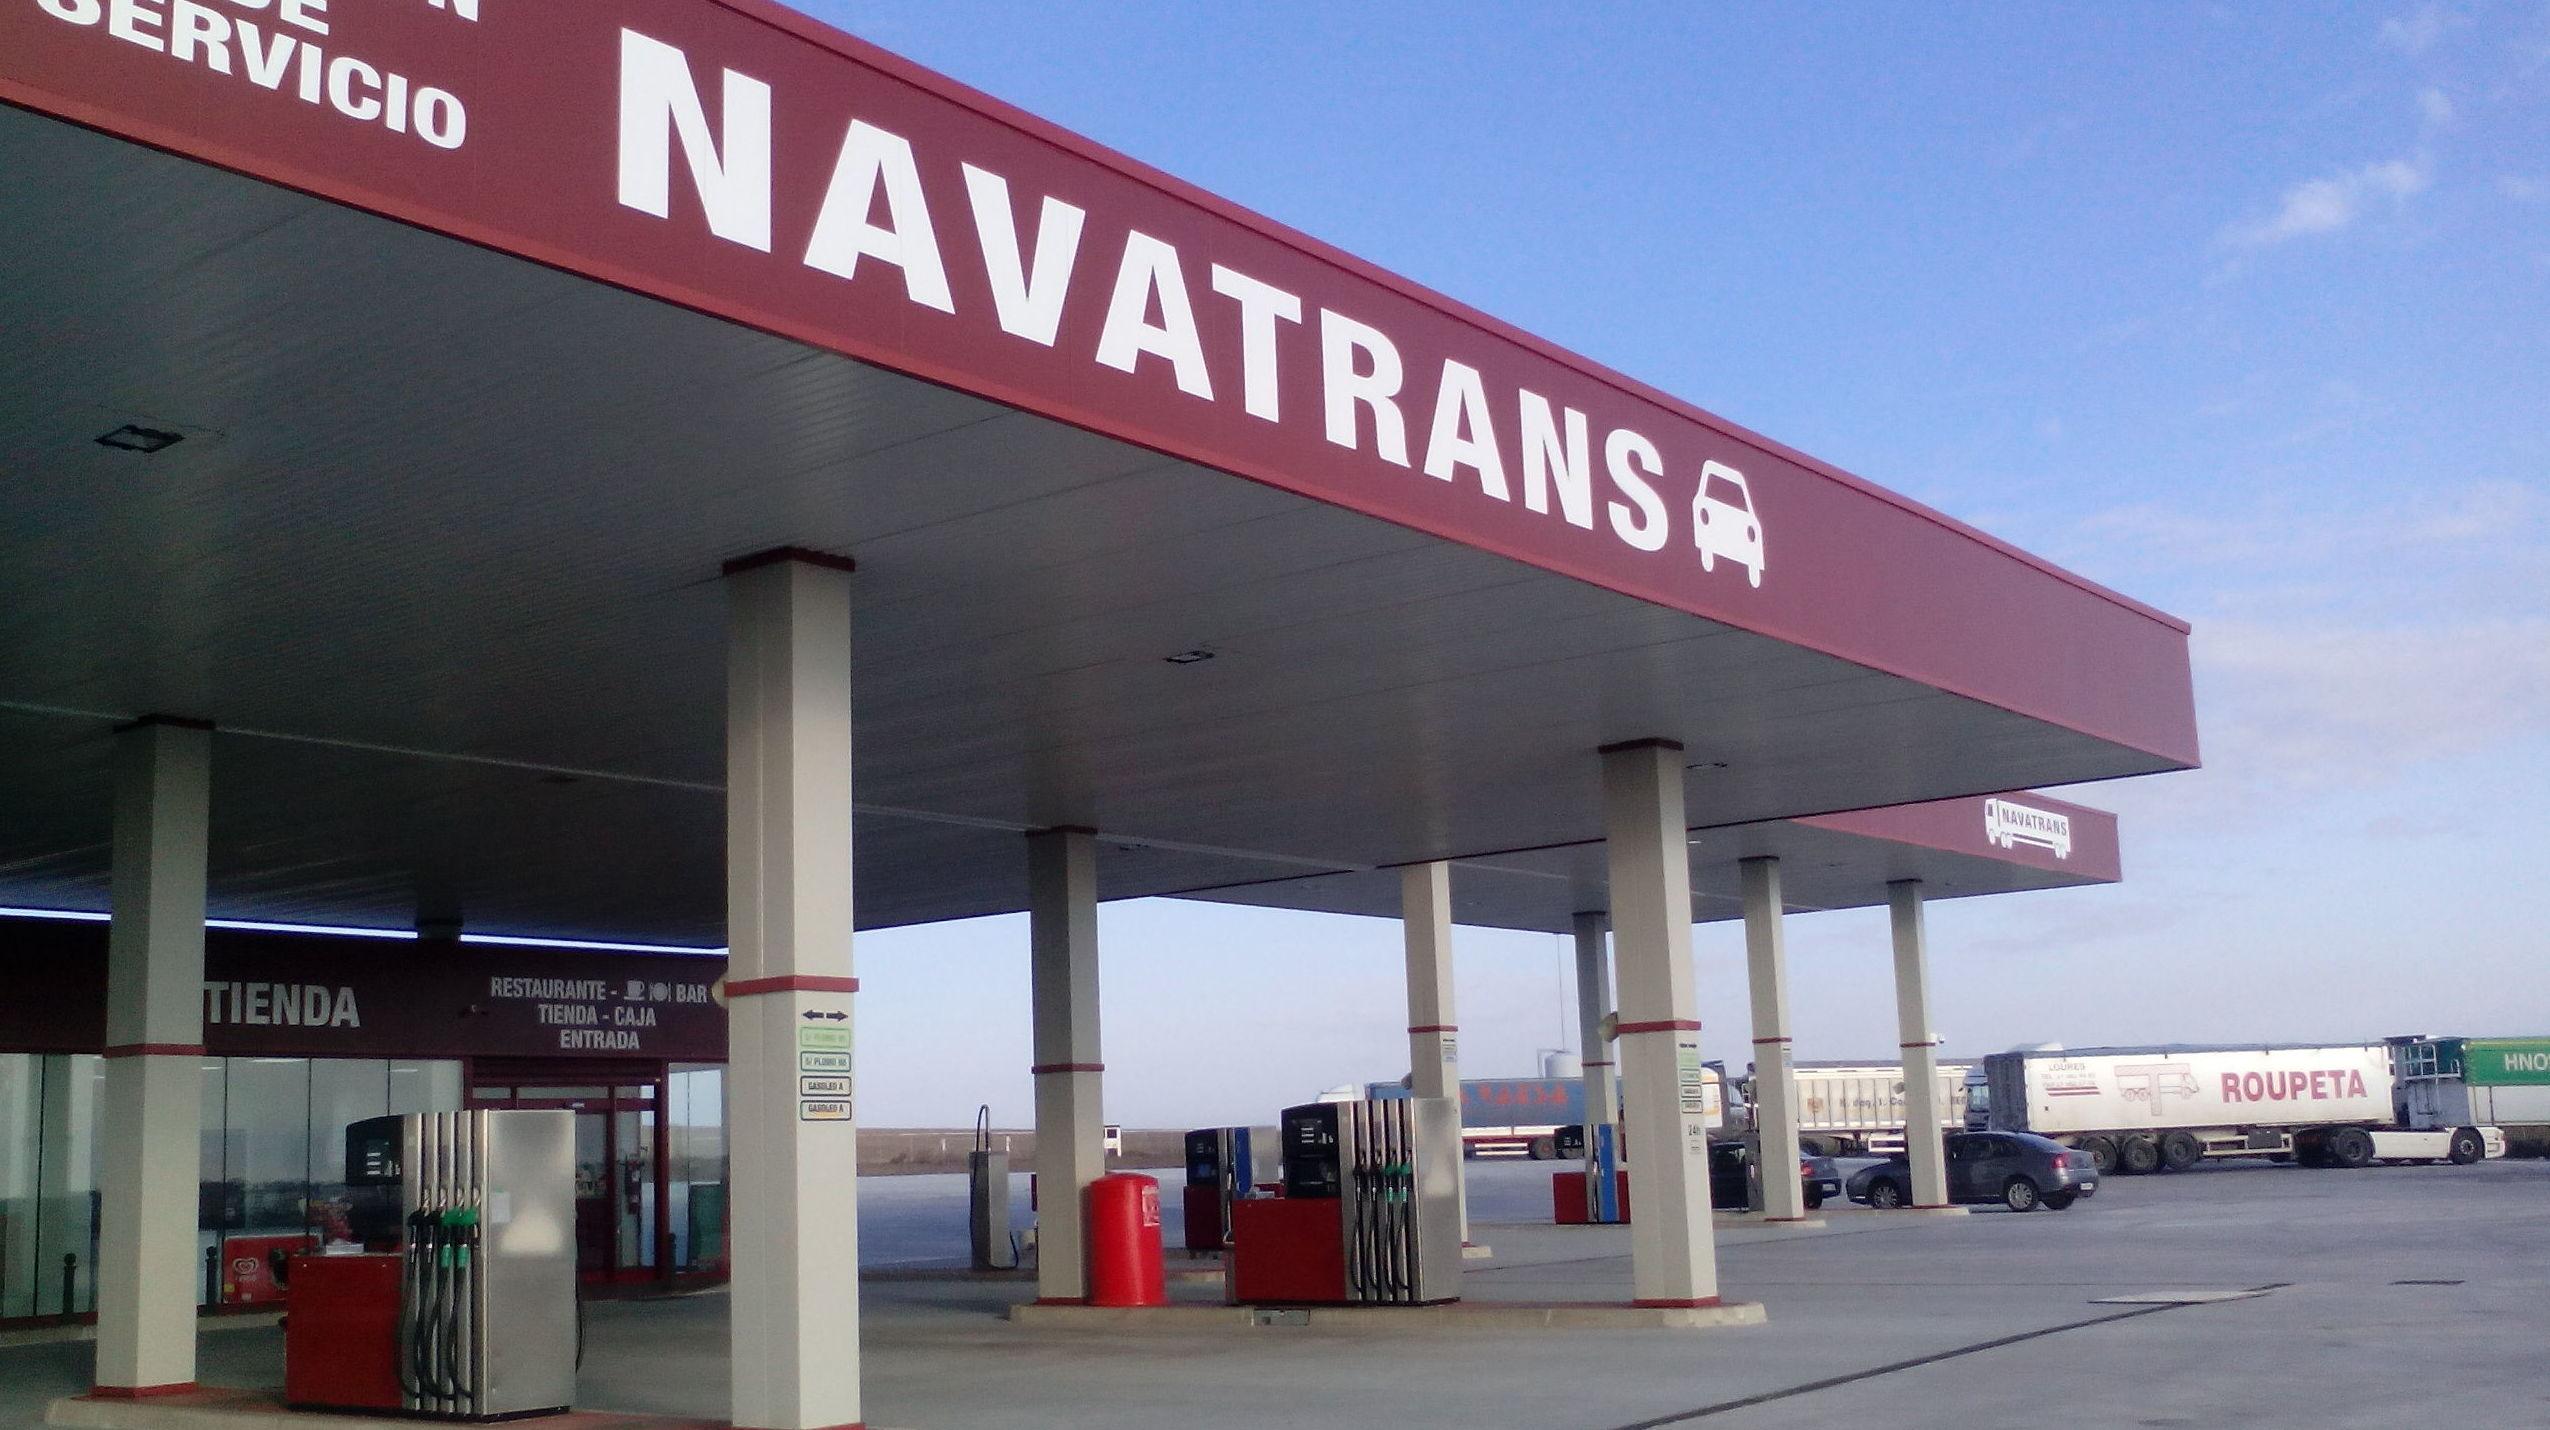 ESTACION DE SERVICIO NAVATRANS